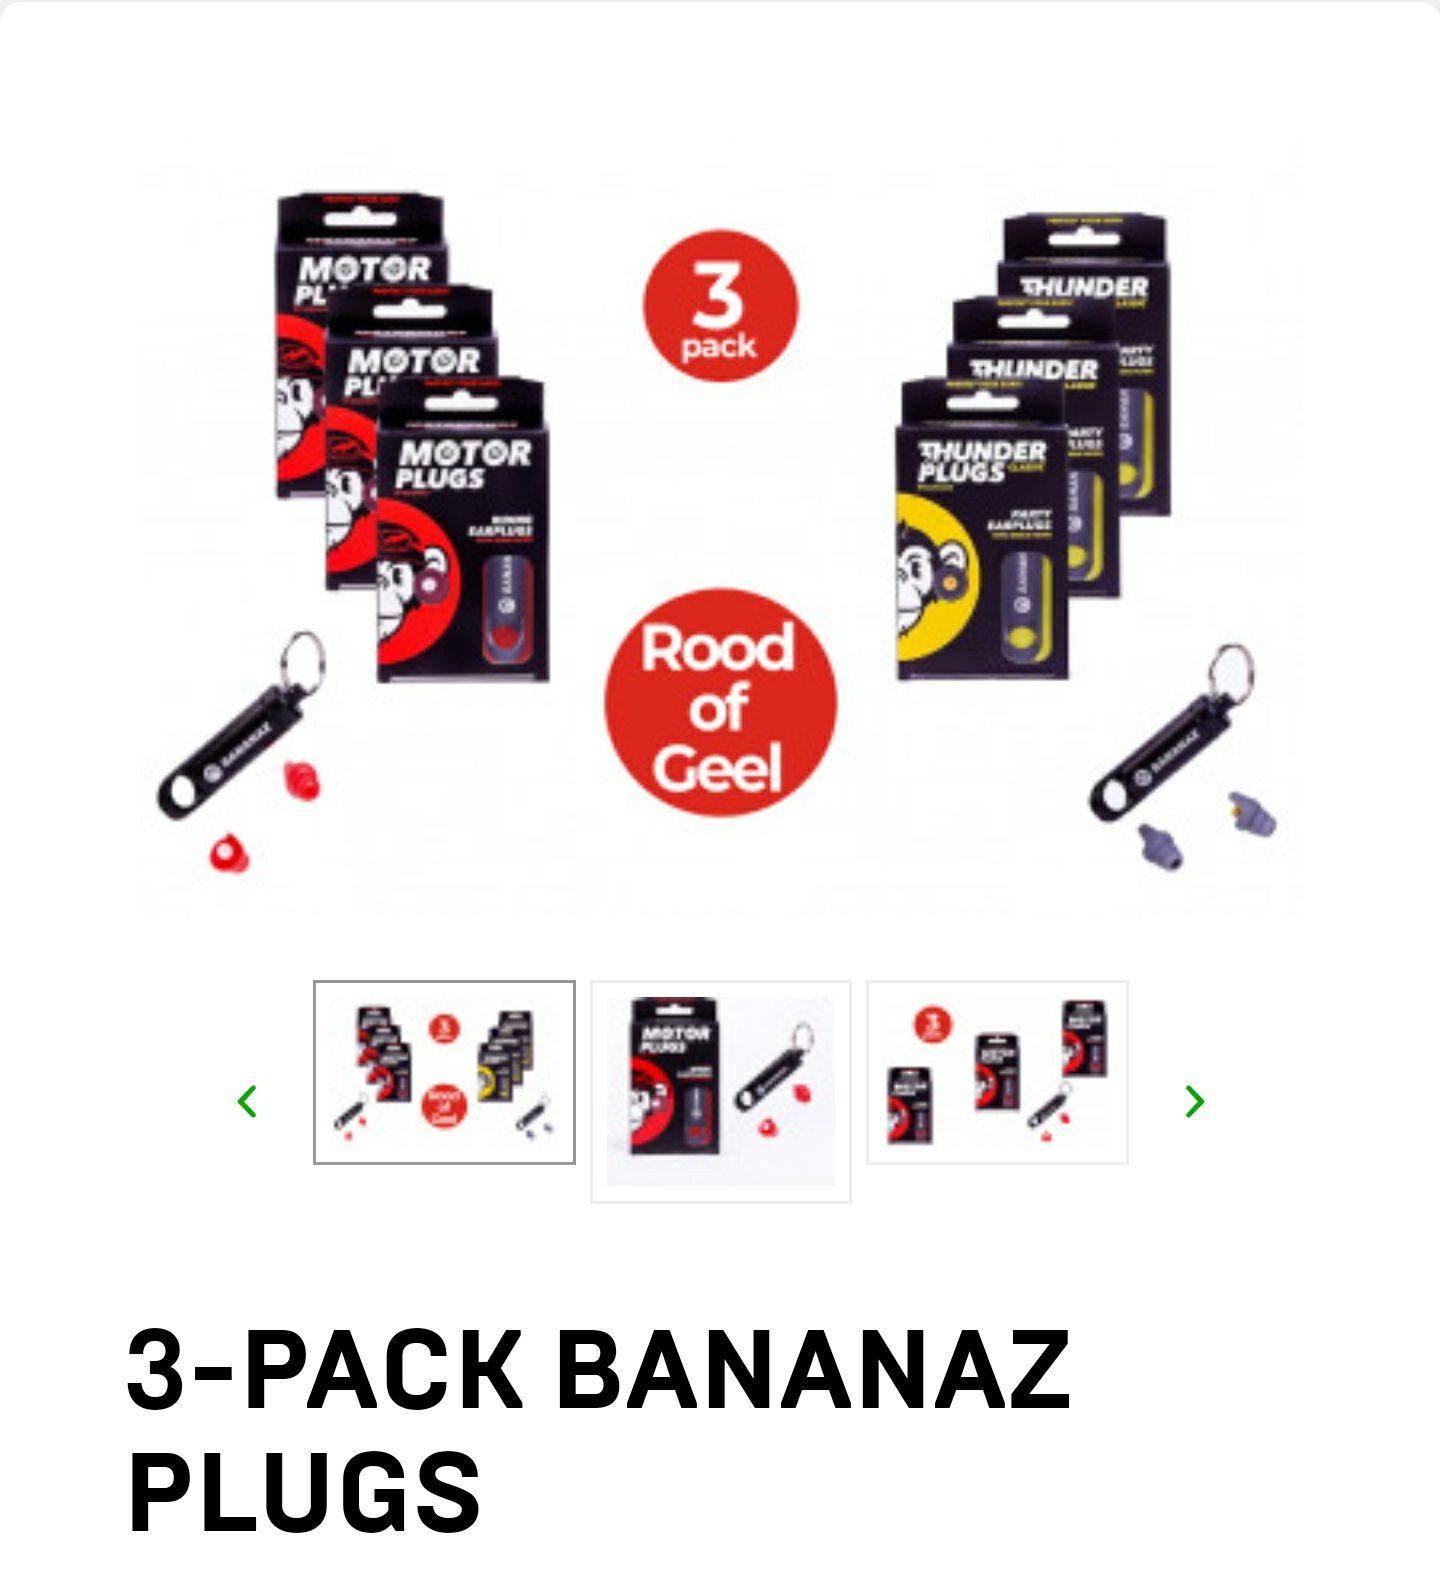 Bananaz earplugs (Motor) of (Thunder) 3-pack